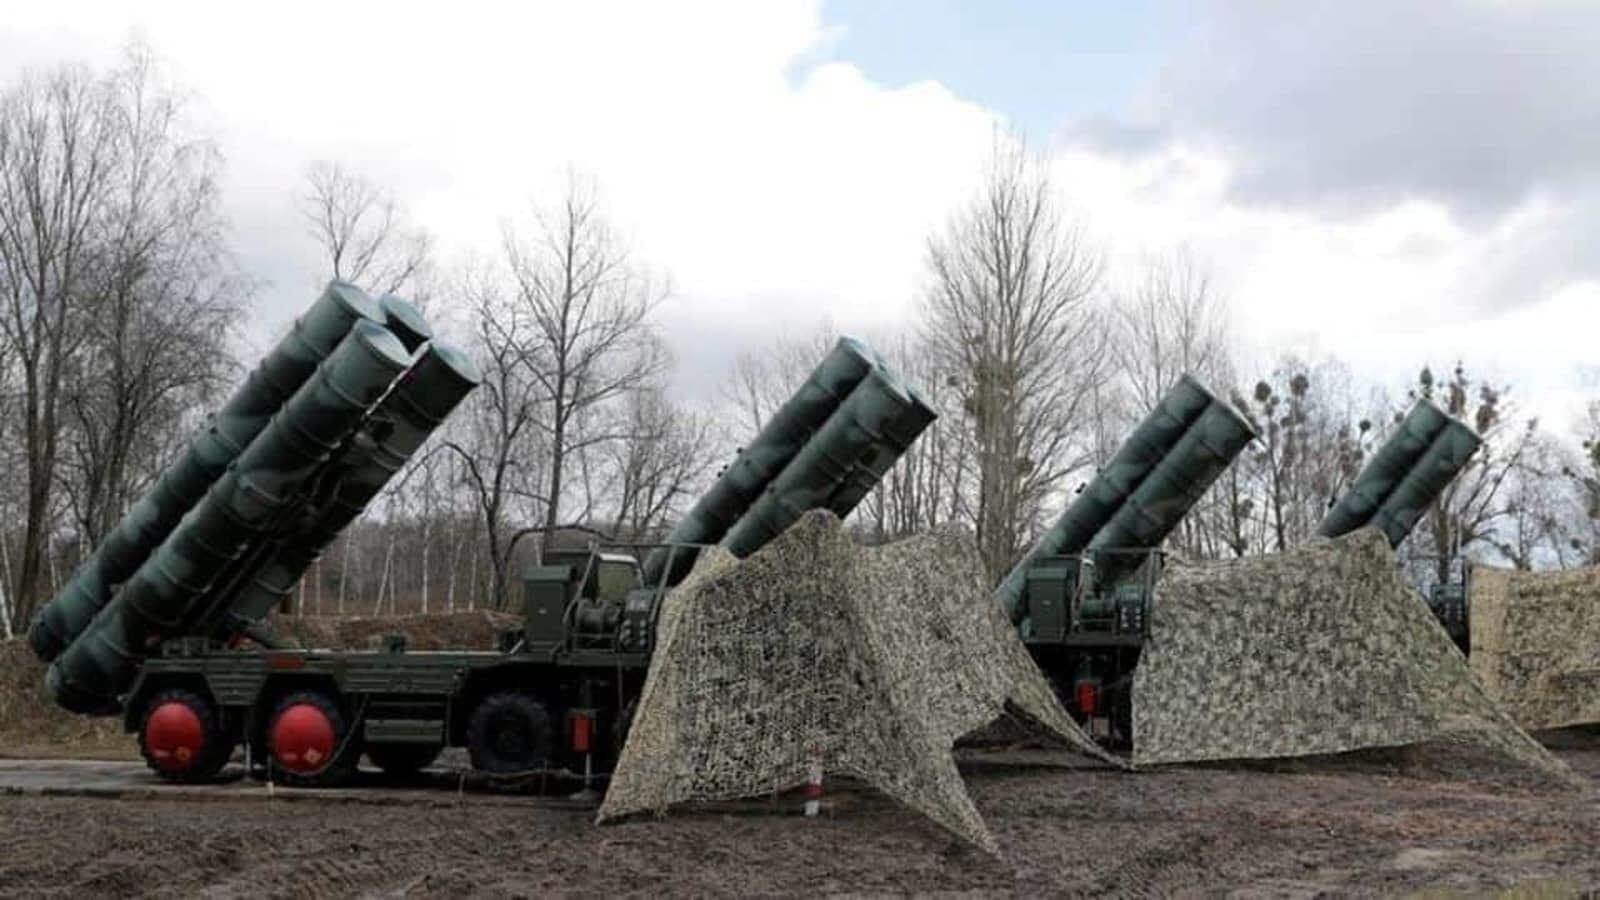 4 июля 2021 года отмечаем День войск ПВО Вооруженных Сил Украины. — фото 3